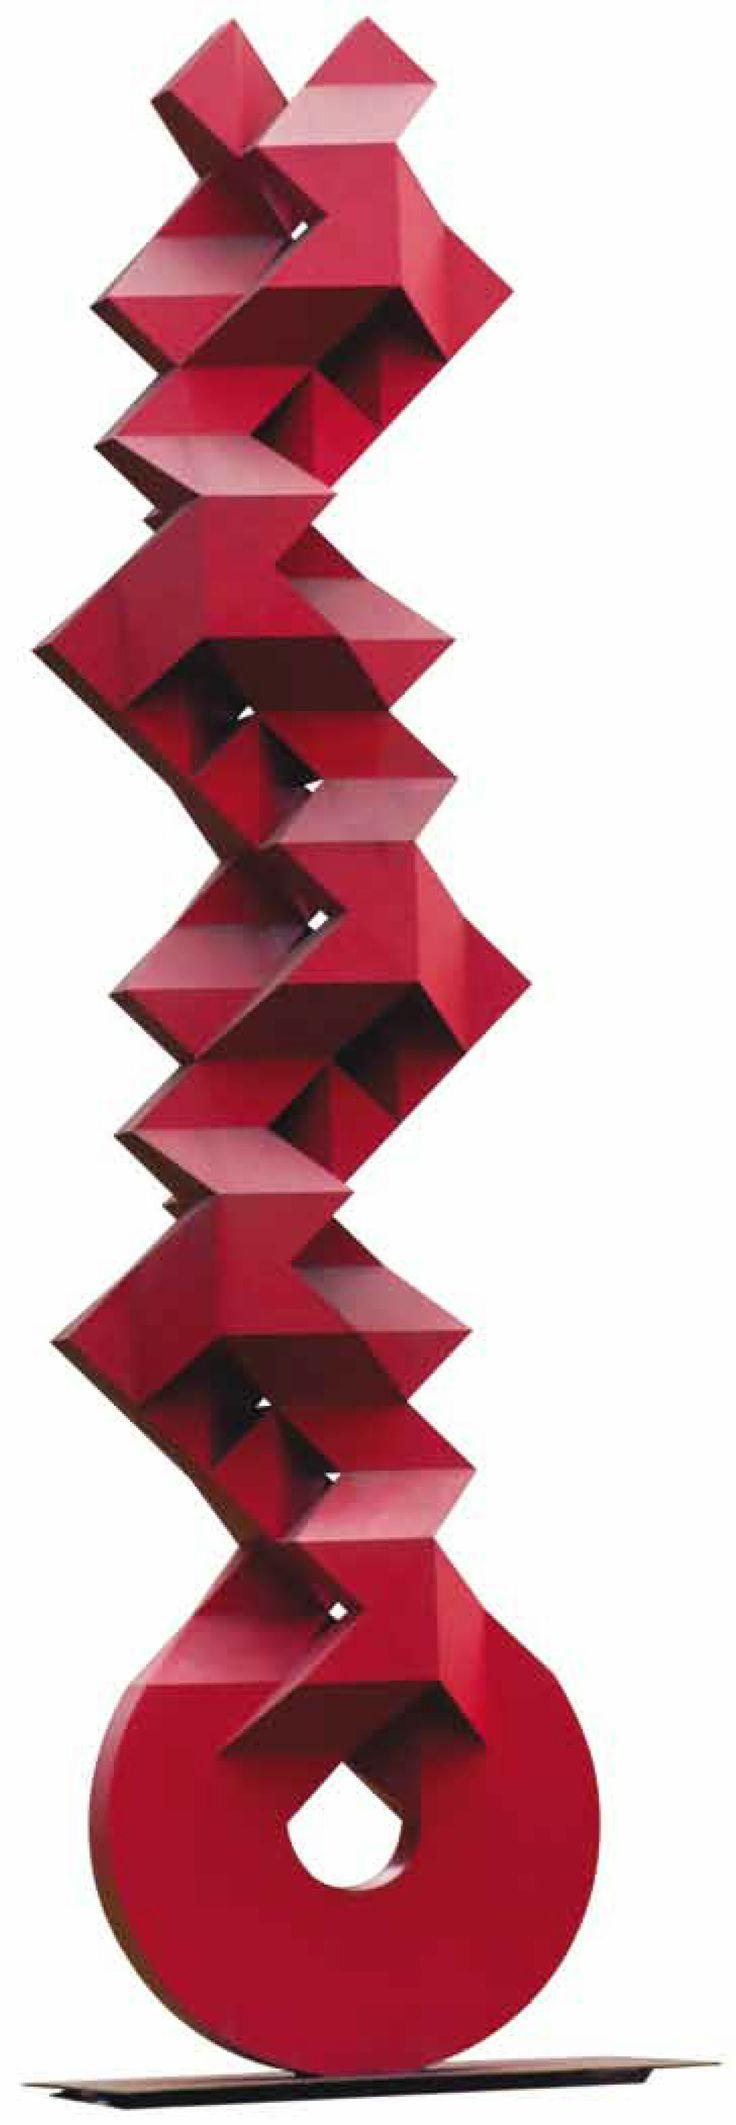 Clave escultura en acero autor sebasti n 1998 for Esculturas en jardines